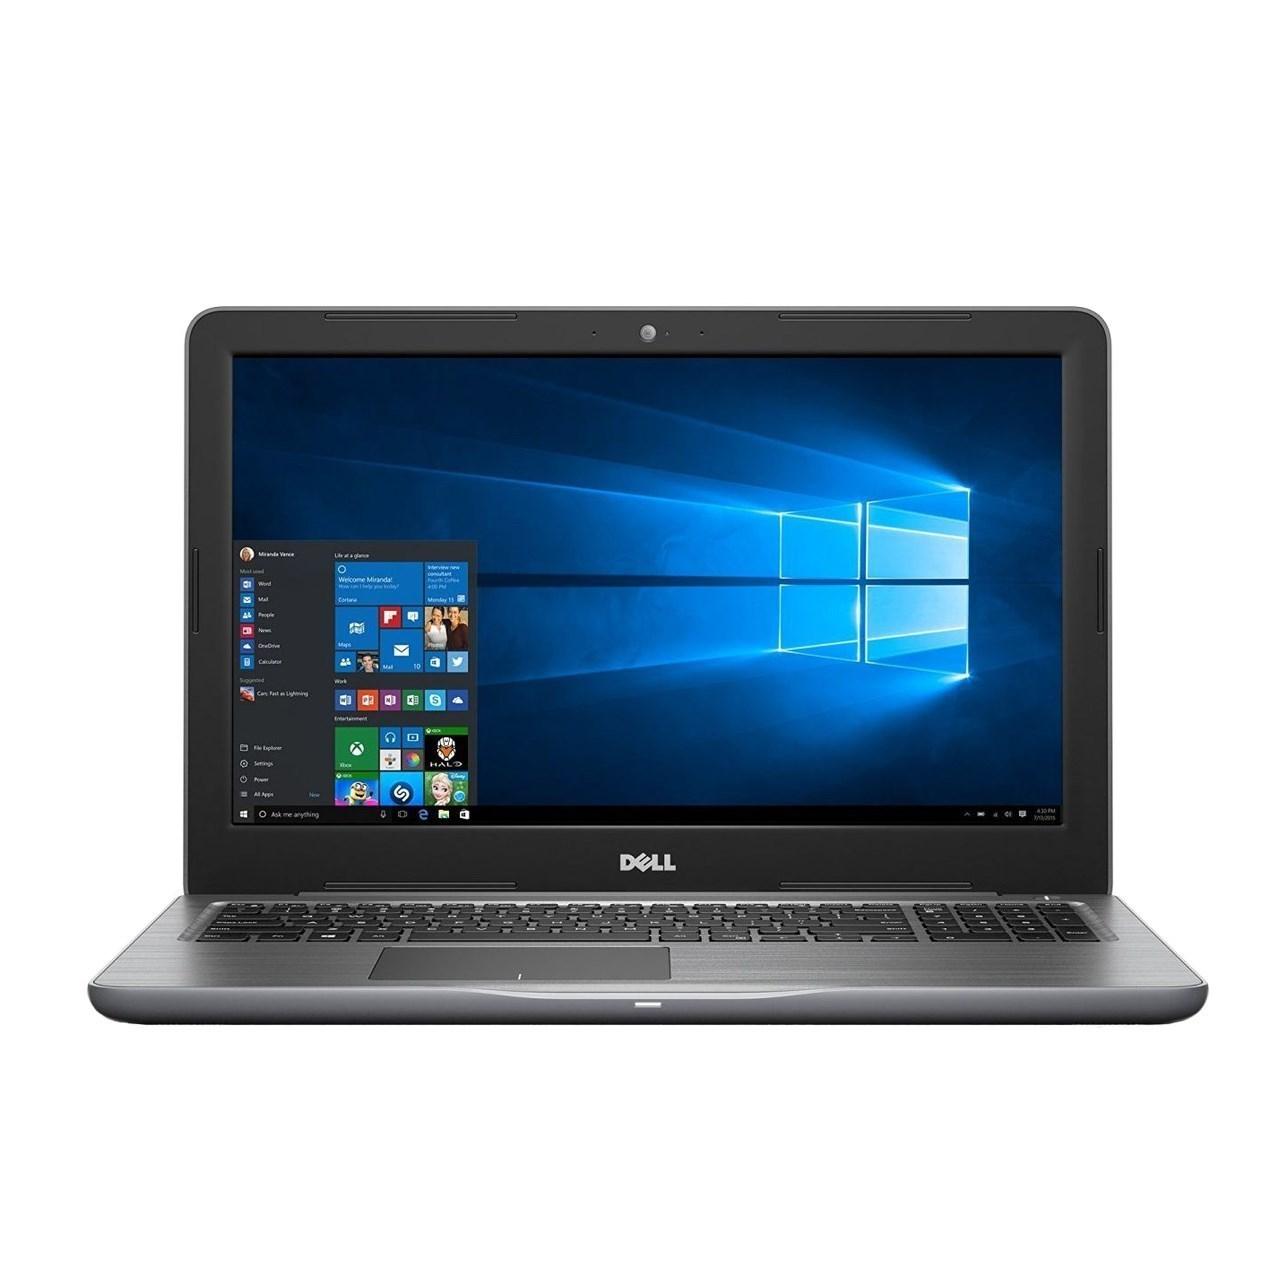 لپ تاپ 15 اینچی دل سری اینسپایرون 5000 | Dell Inspiron 5567   i7 8GB 1TB 4GB